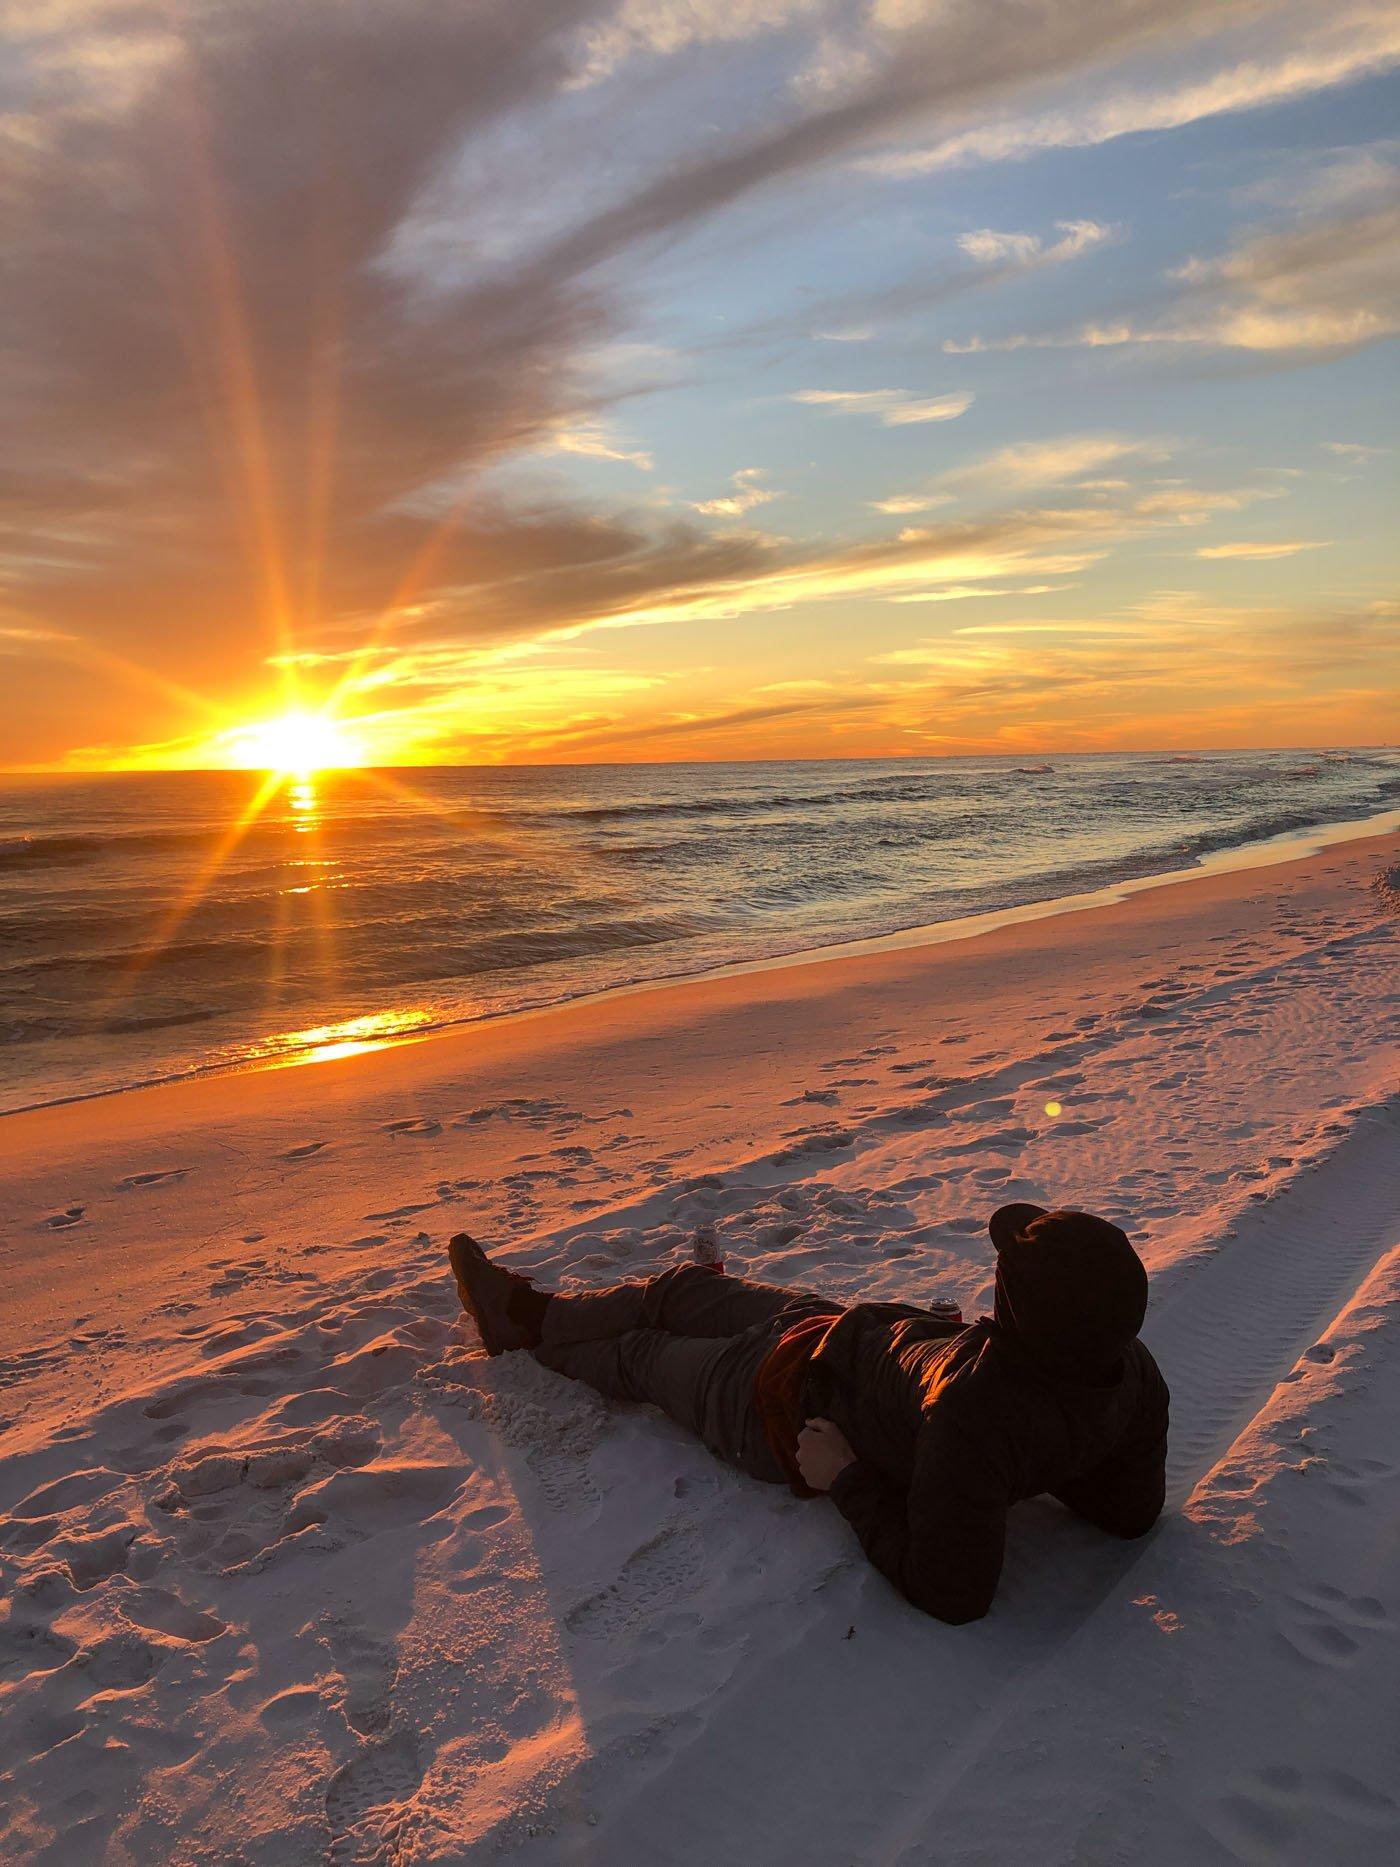 grayton beach winter sunset